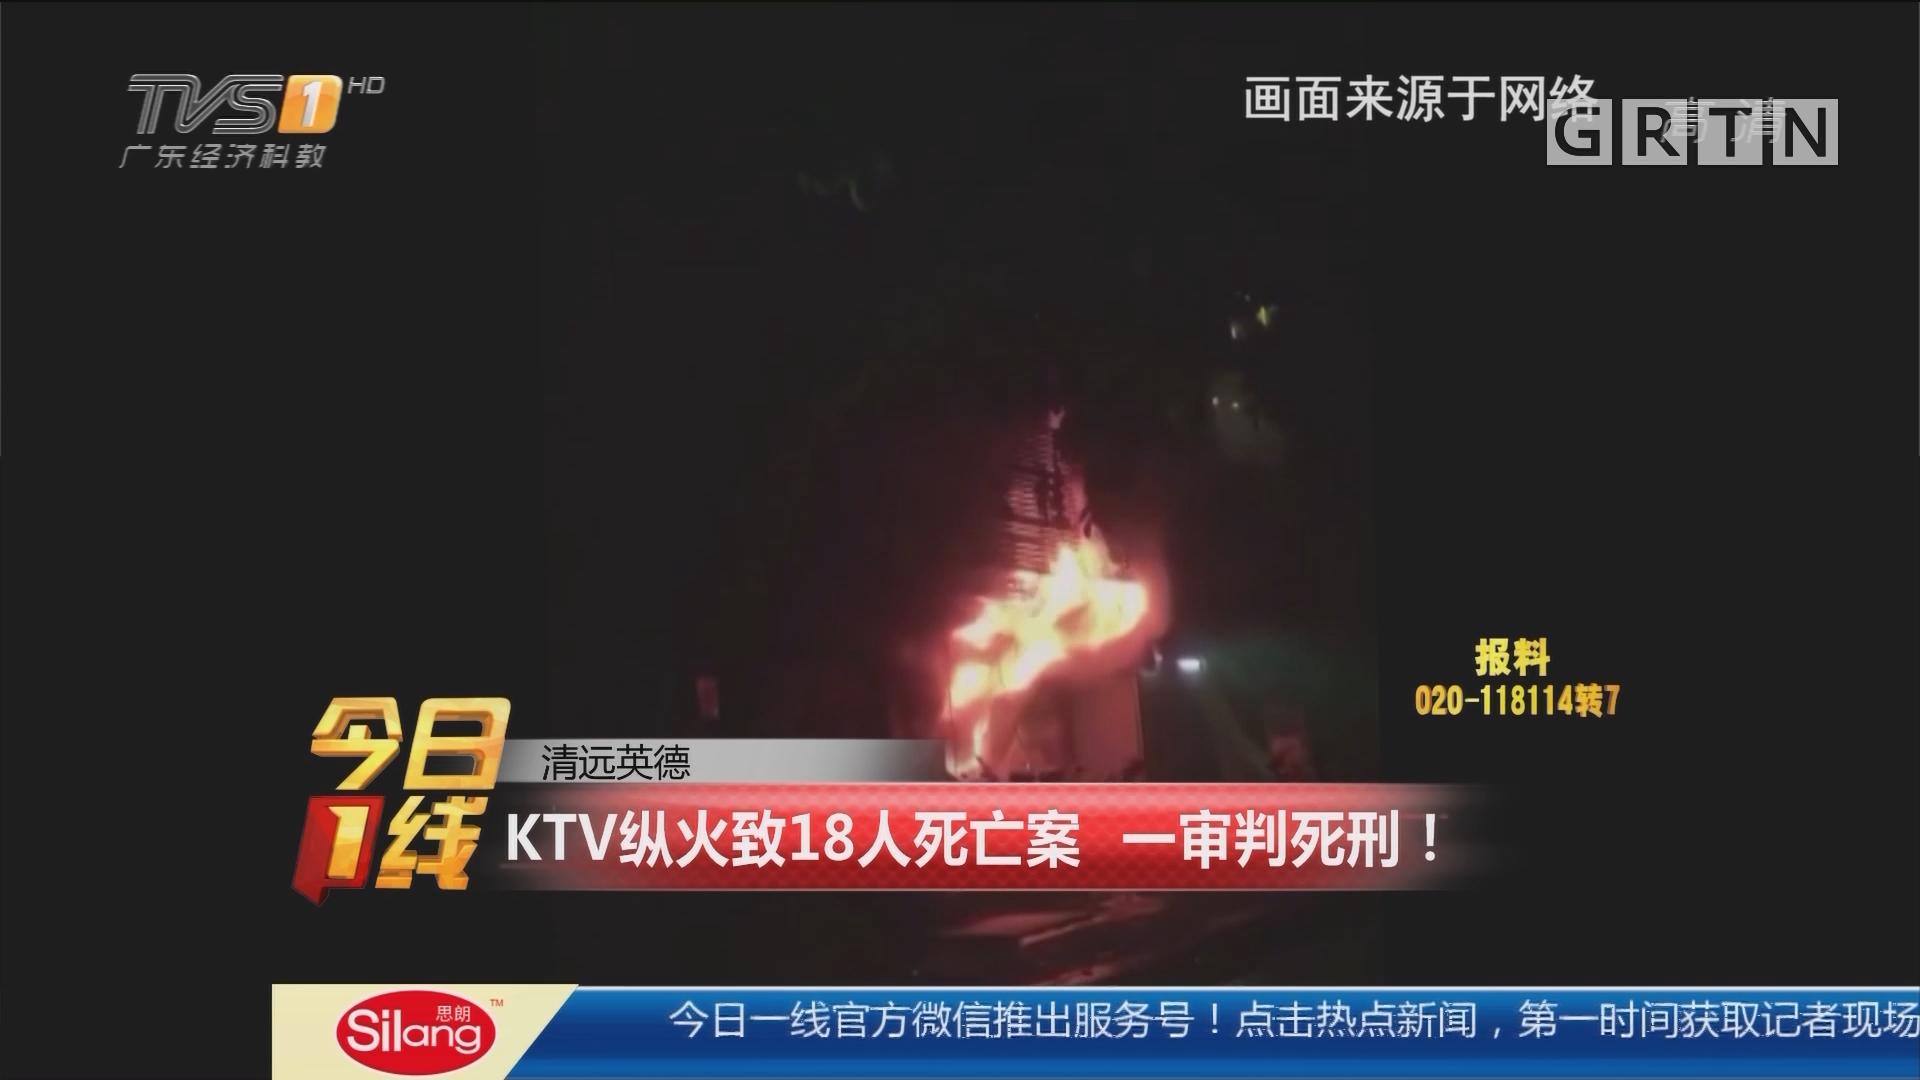 清远英德:KTV纵火致18人死亡案 一审判死刑!